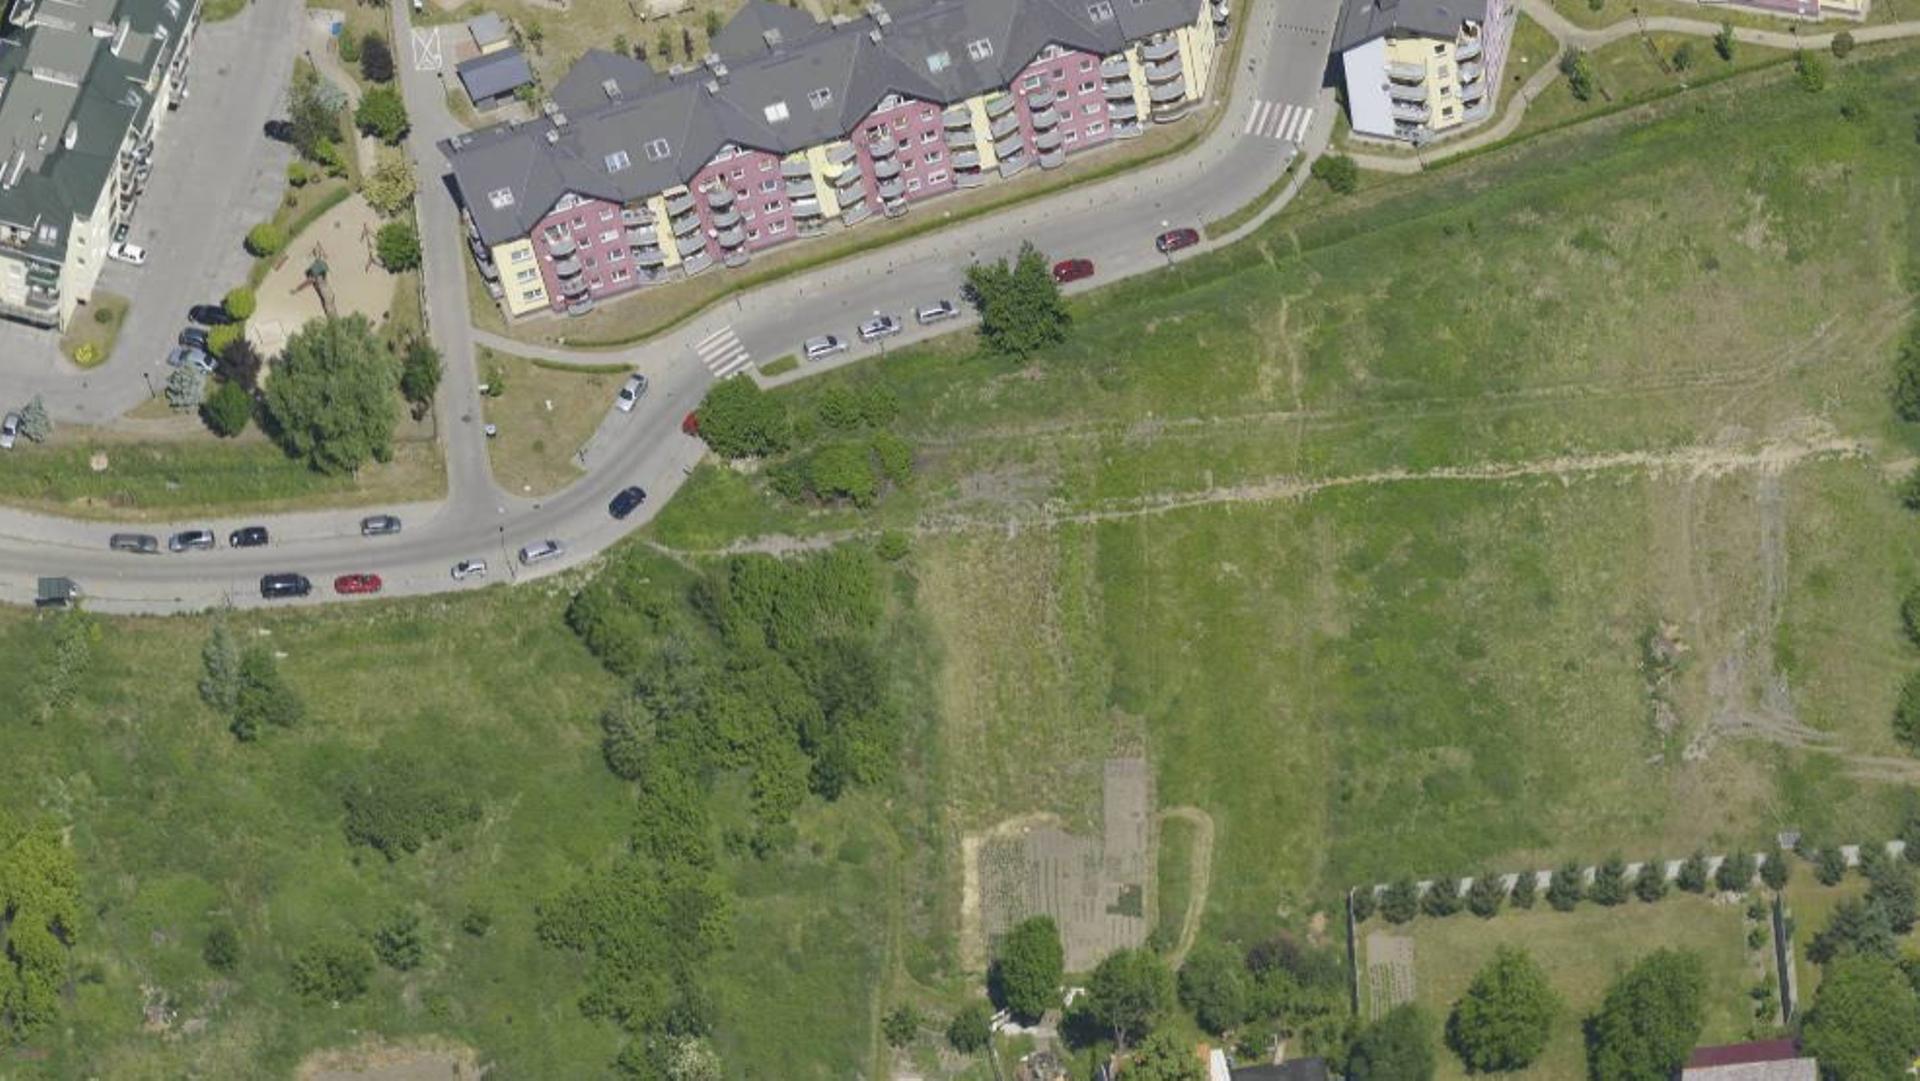 Wrocław: Złotniki się rozrastają. W planach już kolejne osiedle